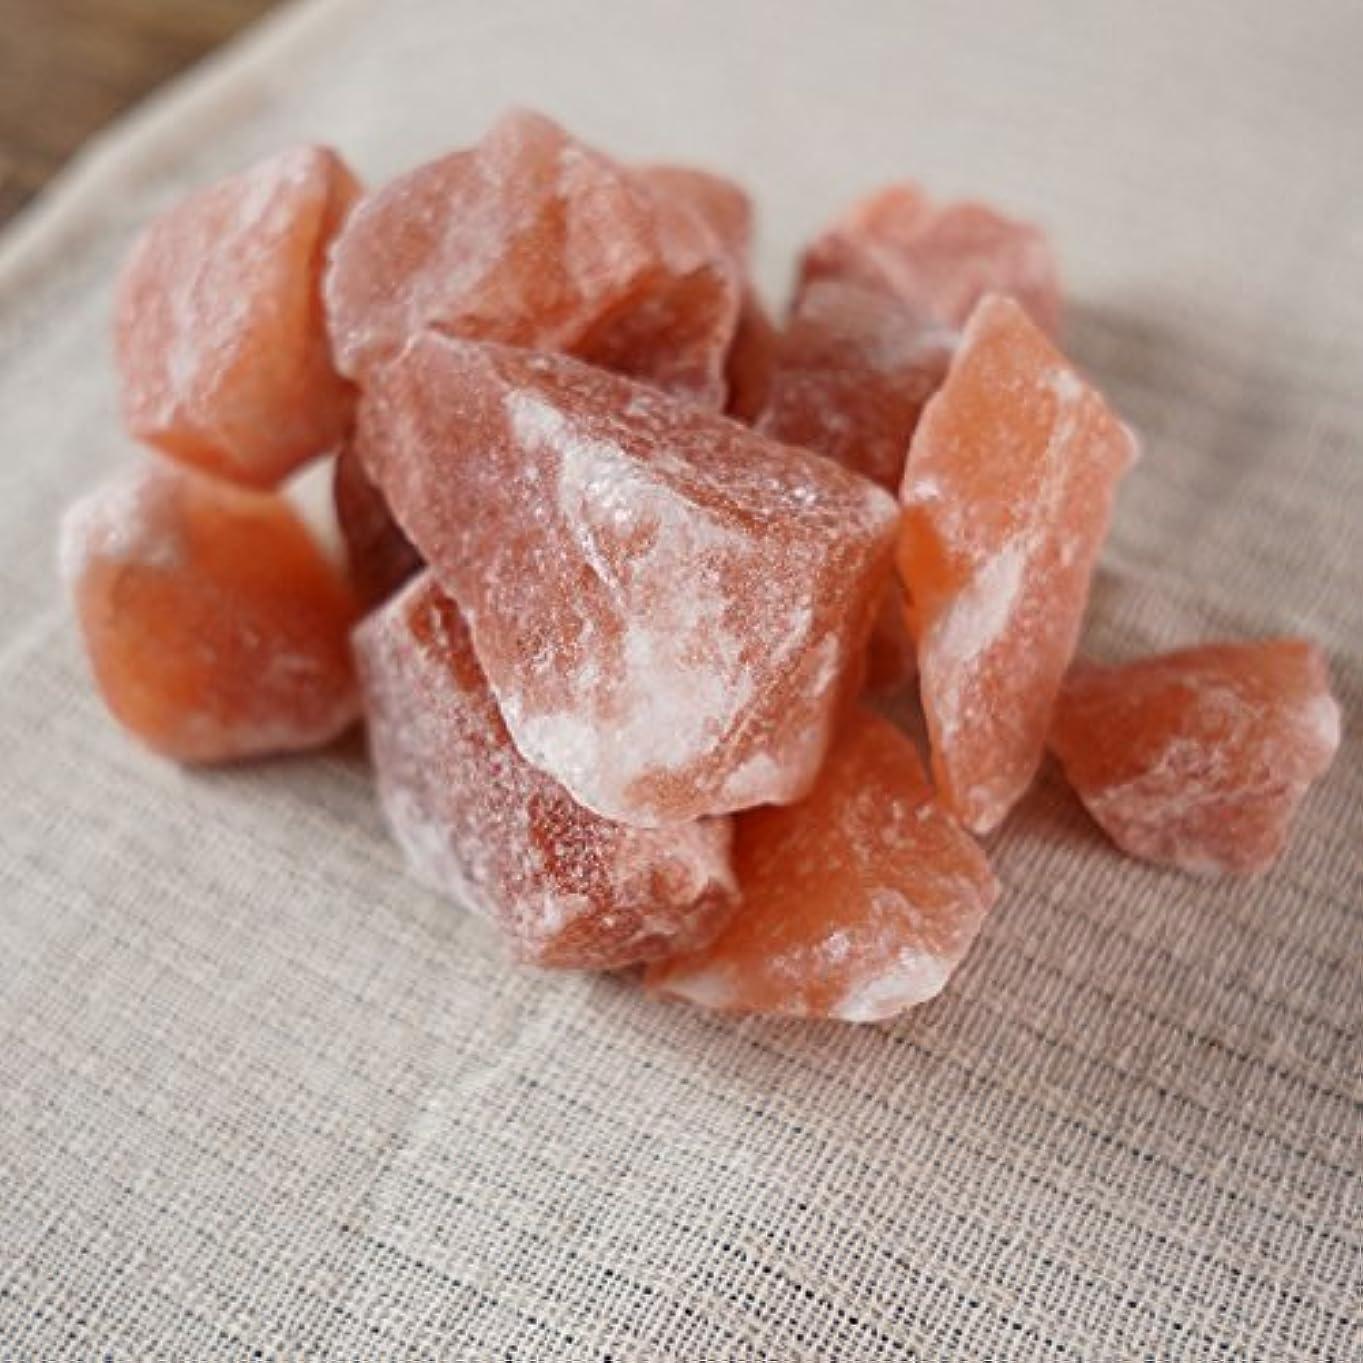 幾分マットレス難民ヒマラヤ岩塩 ピンク ブロック 約2-5cm 10kg 10,000g 塊 原料